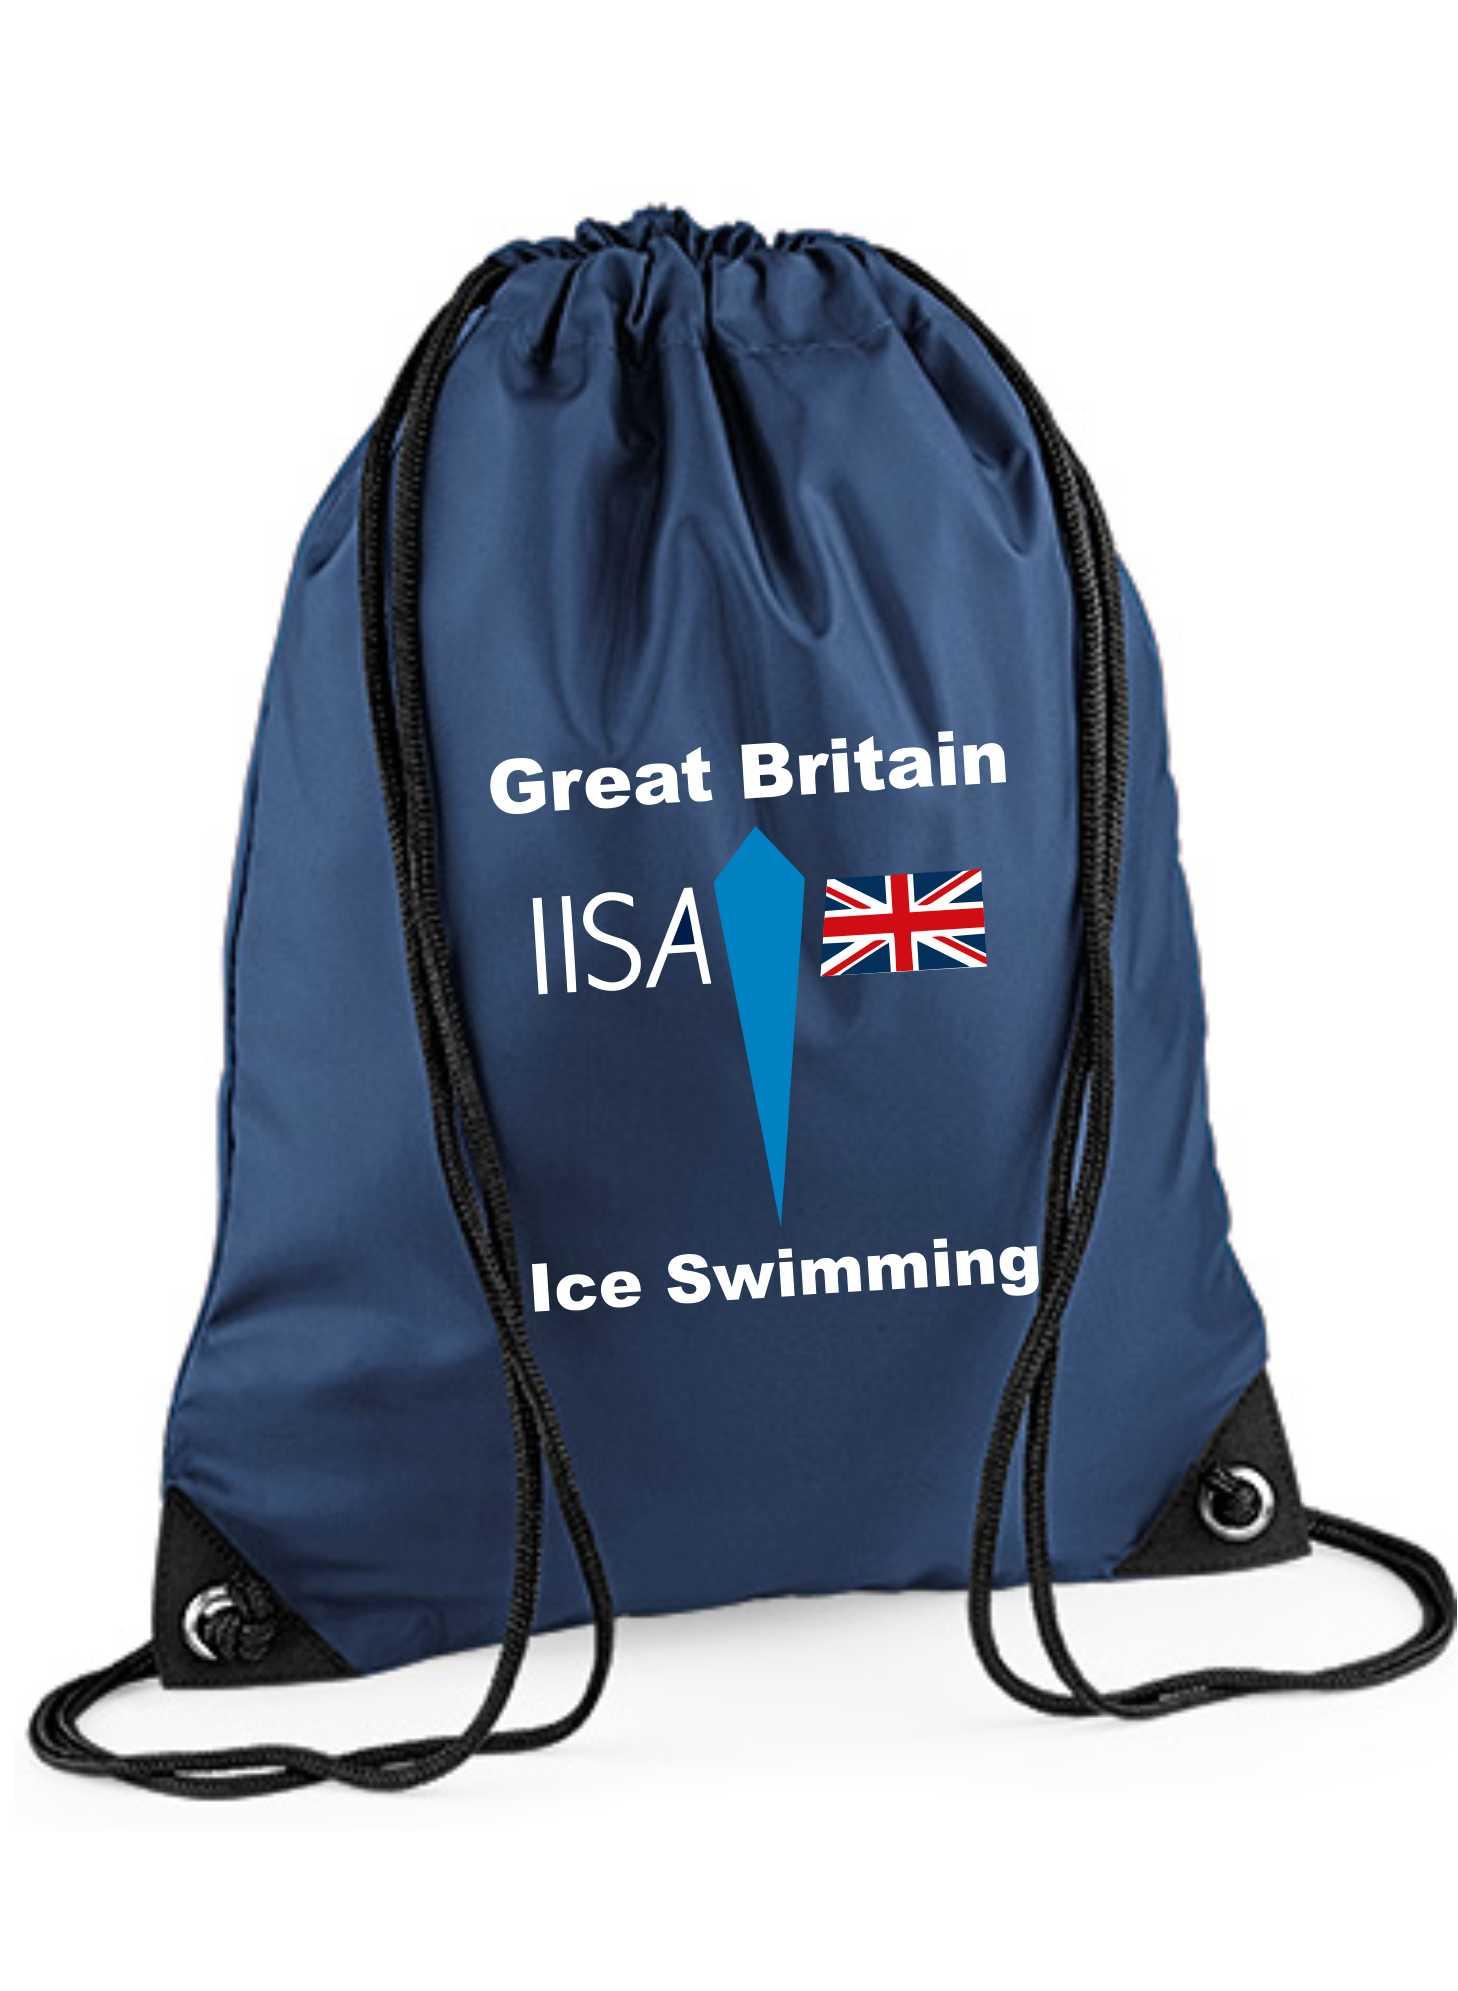 IISA GB – Gymsac